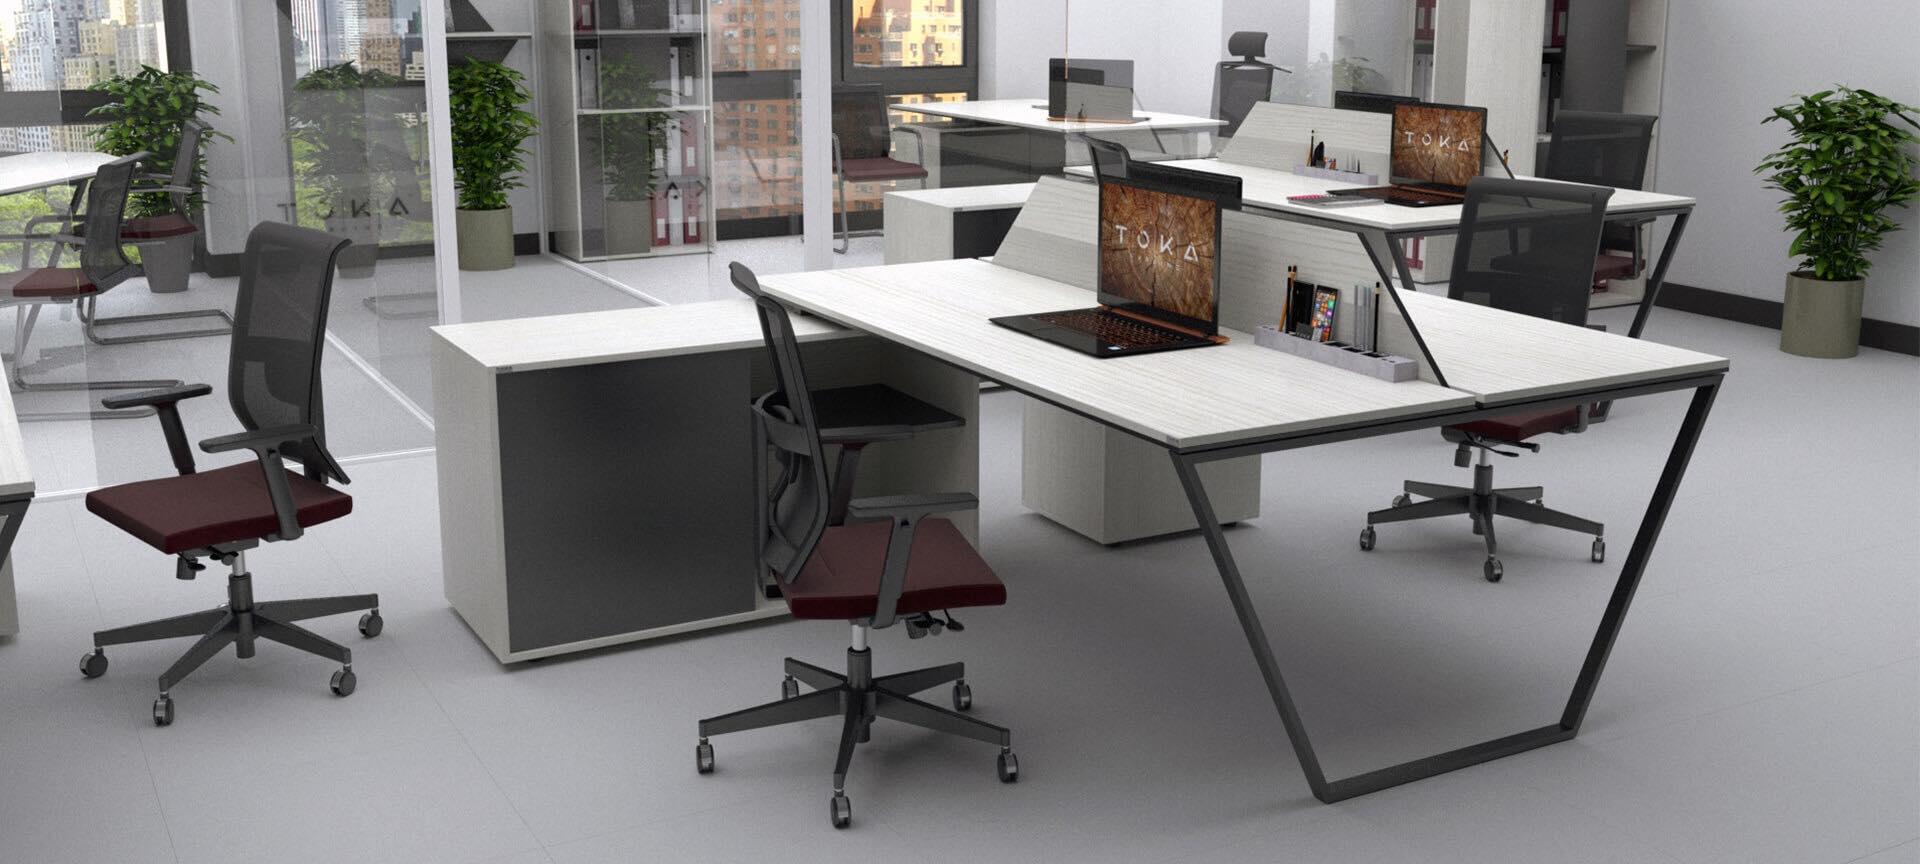 Три поради від ТОКА, як вдало підібрати меблі в офіс